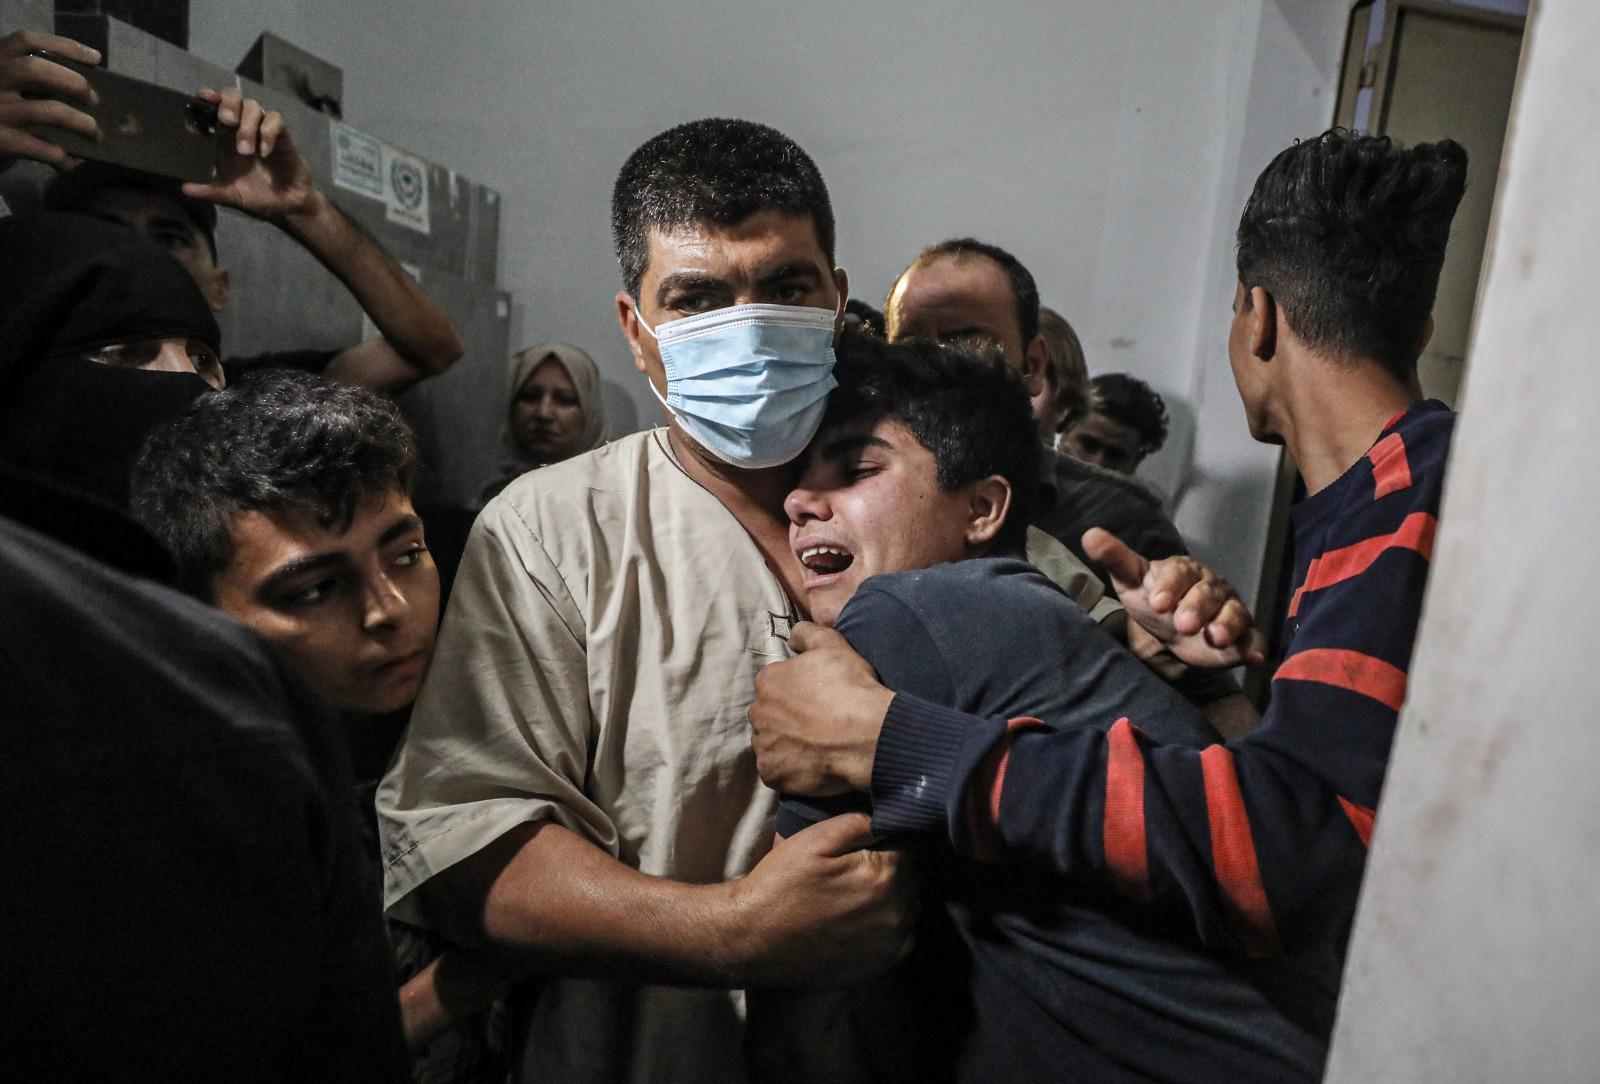 مجلس اللاجئين النرويجي: 11 طفلاً يتلقون دعماً نفسياً استشهدوا في غزة